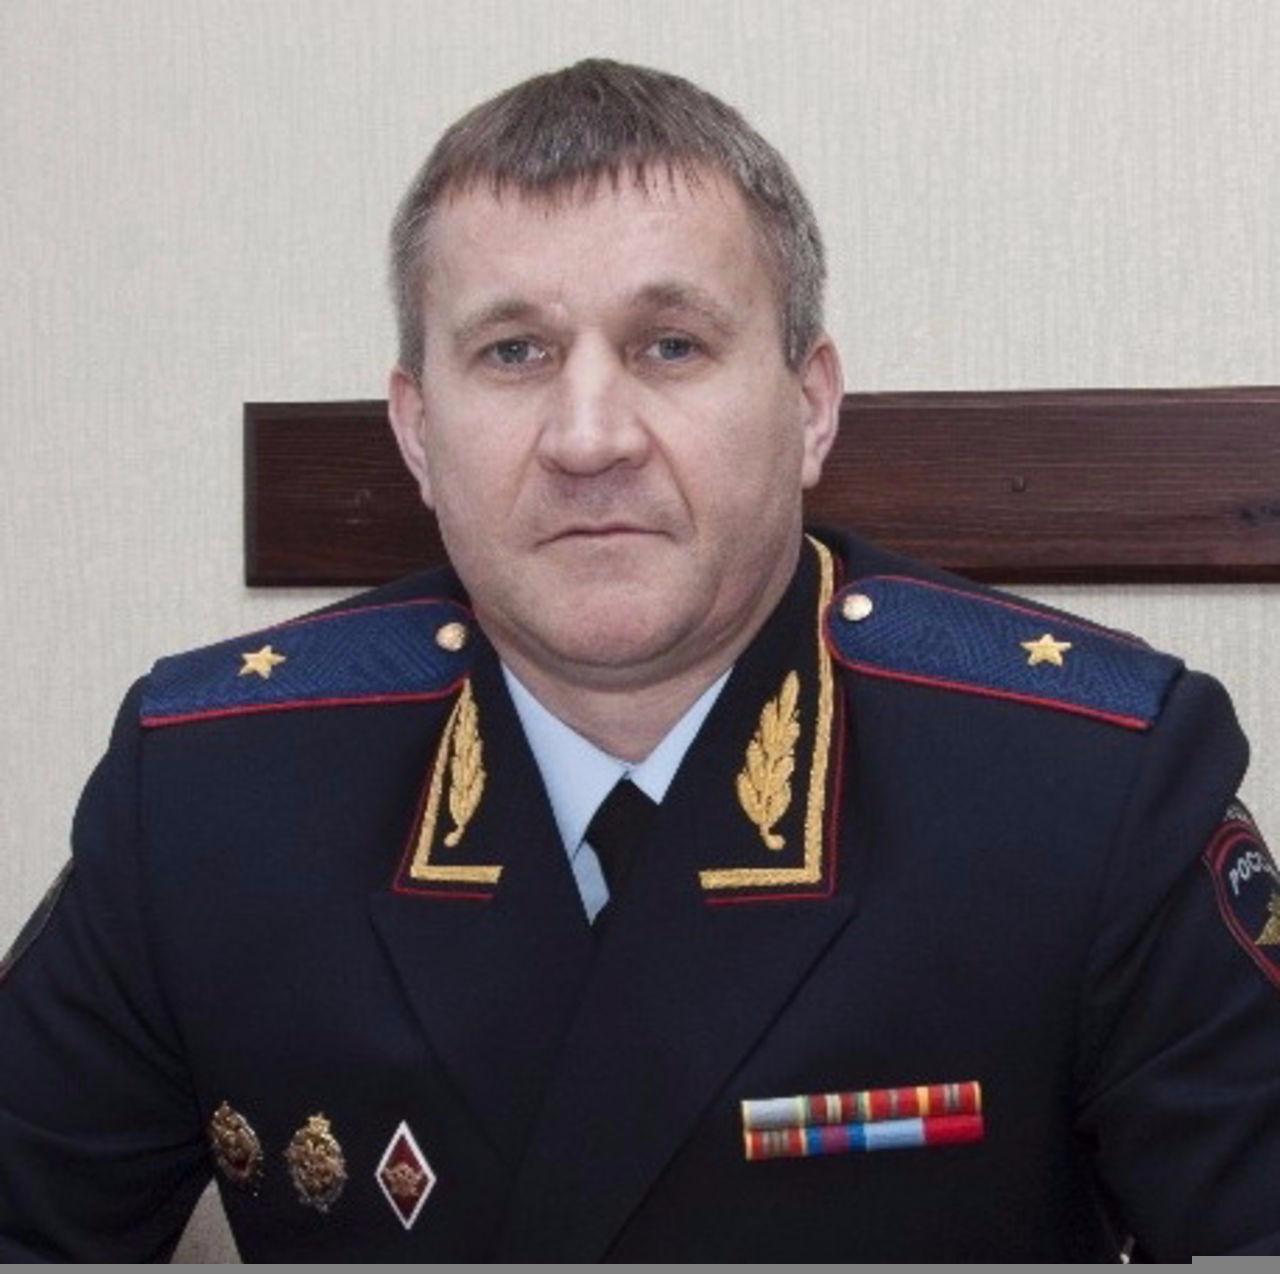 Владимир Путин подписал указ оботставке руководителя милиции Кузбасса